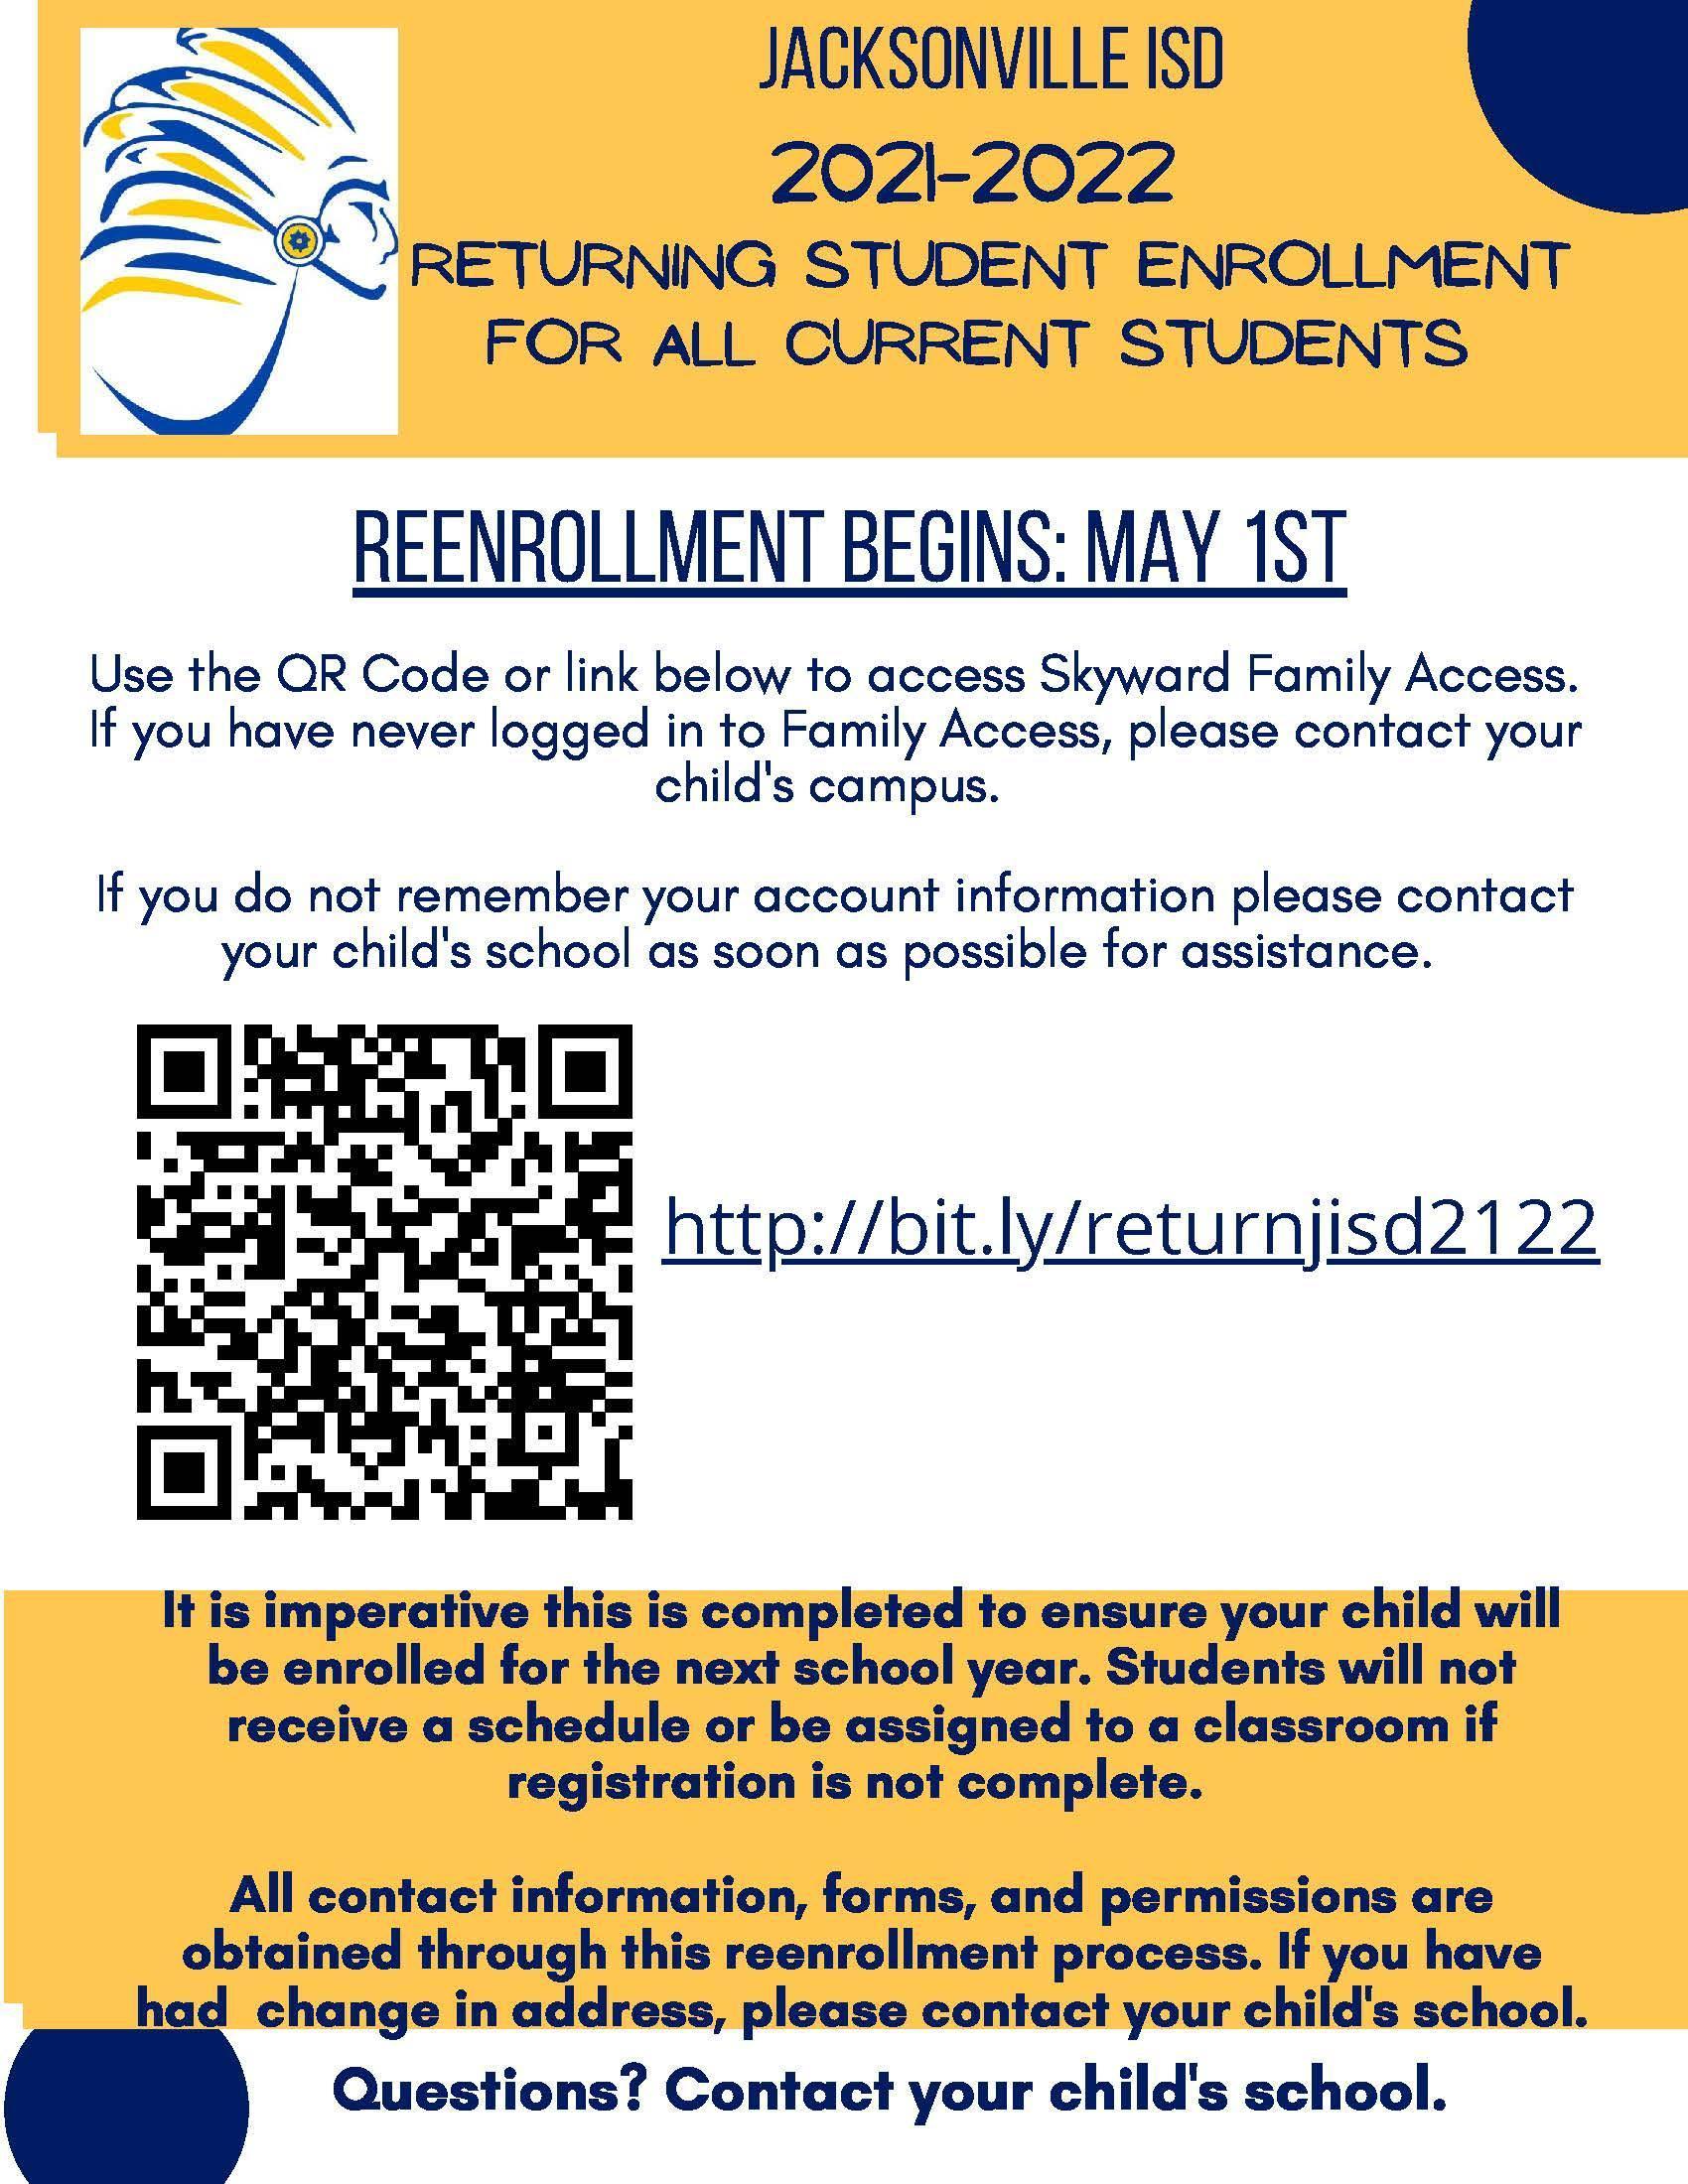 reenrollment informtion